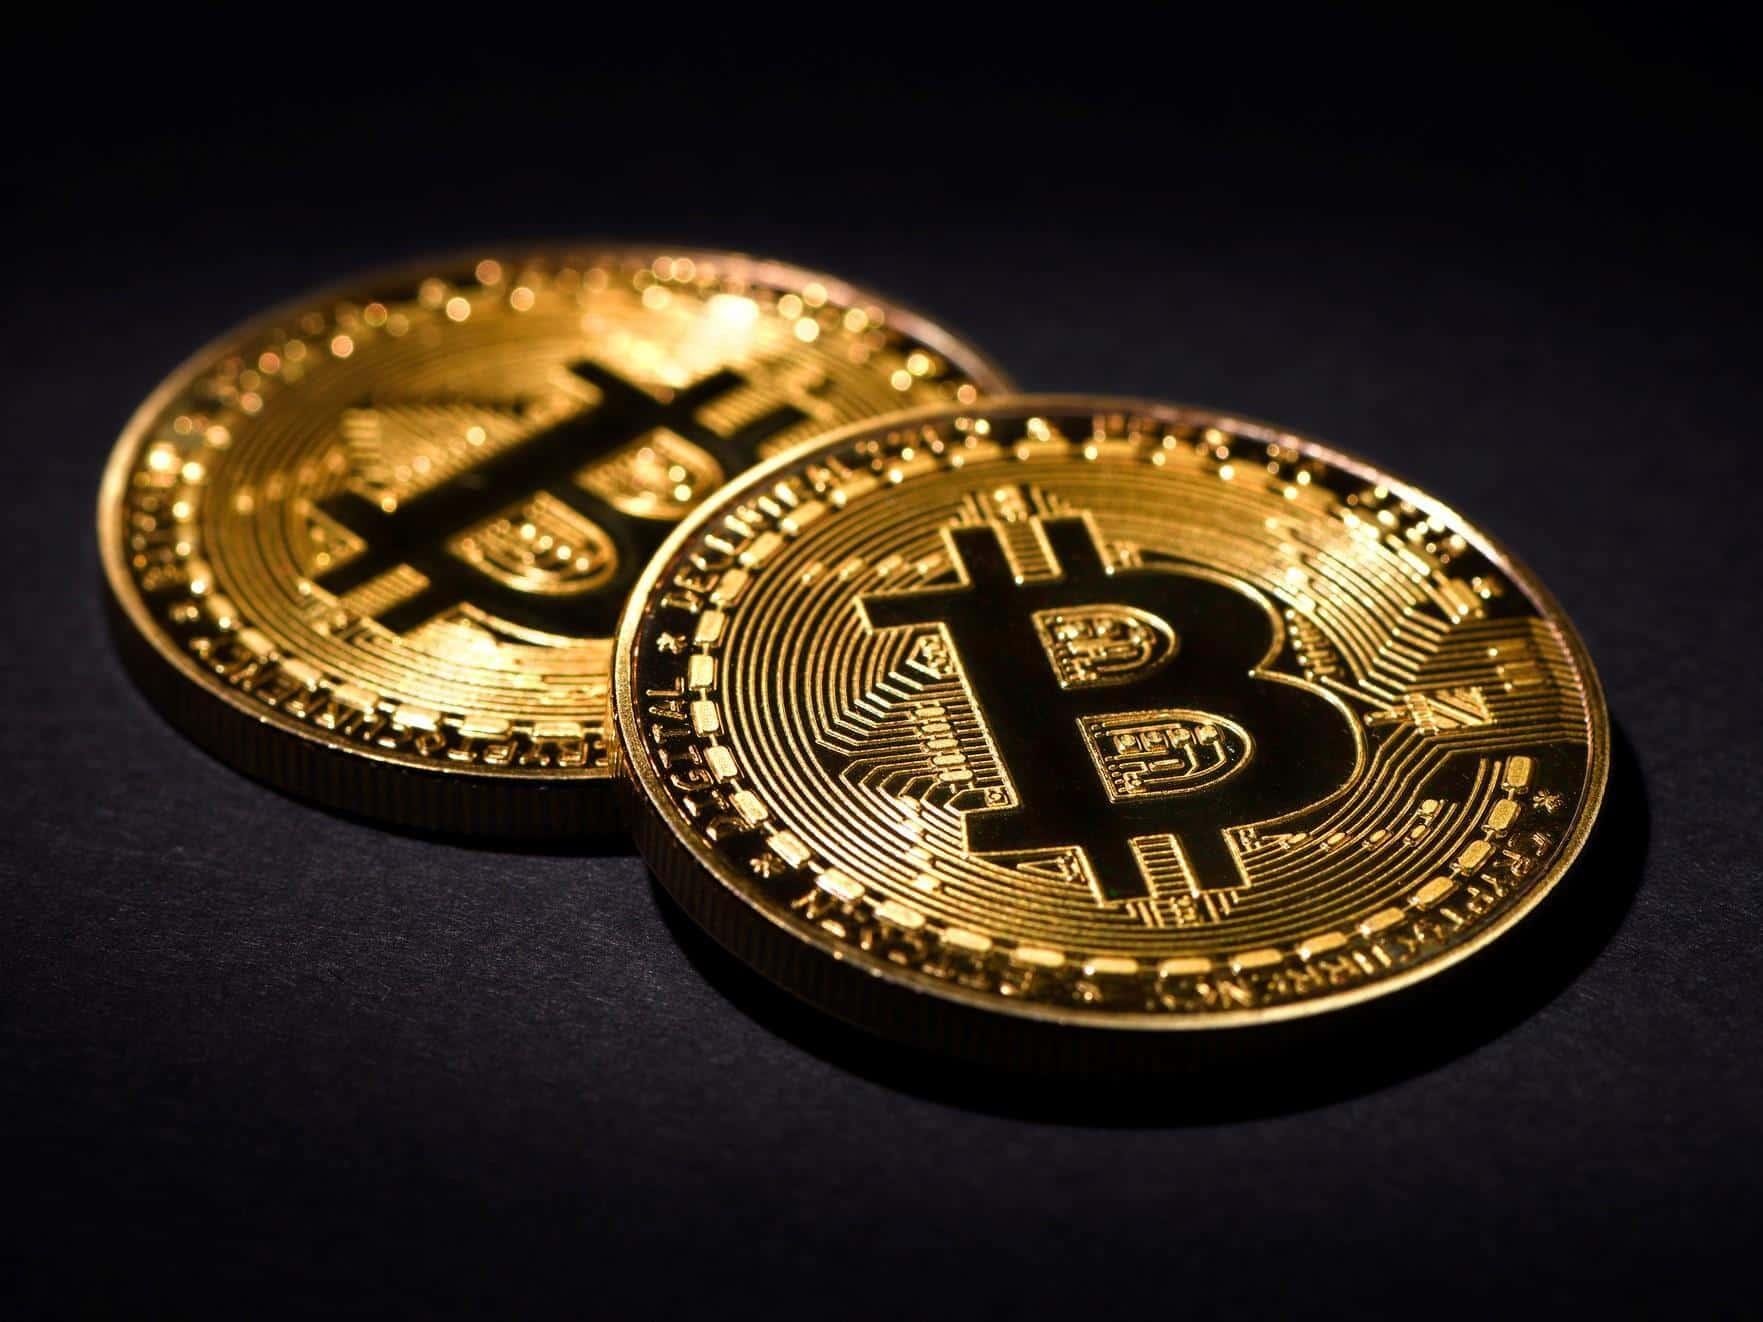 Deloitte Warns of Quantum Attack on Bitcoin